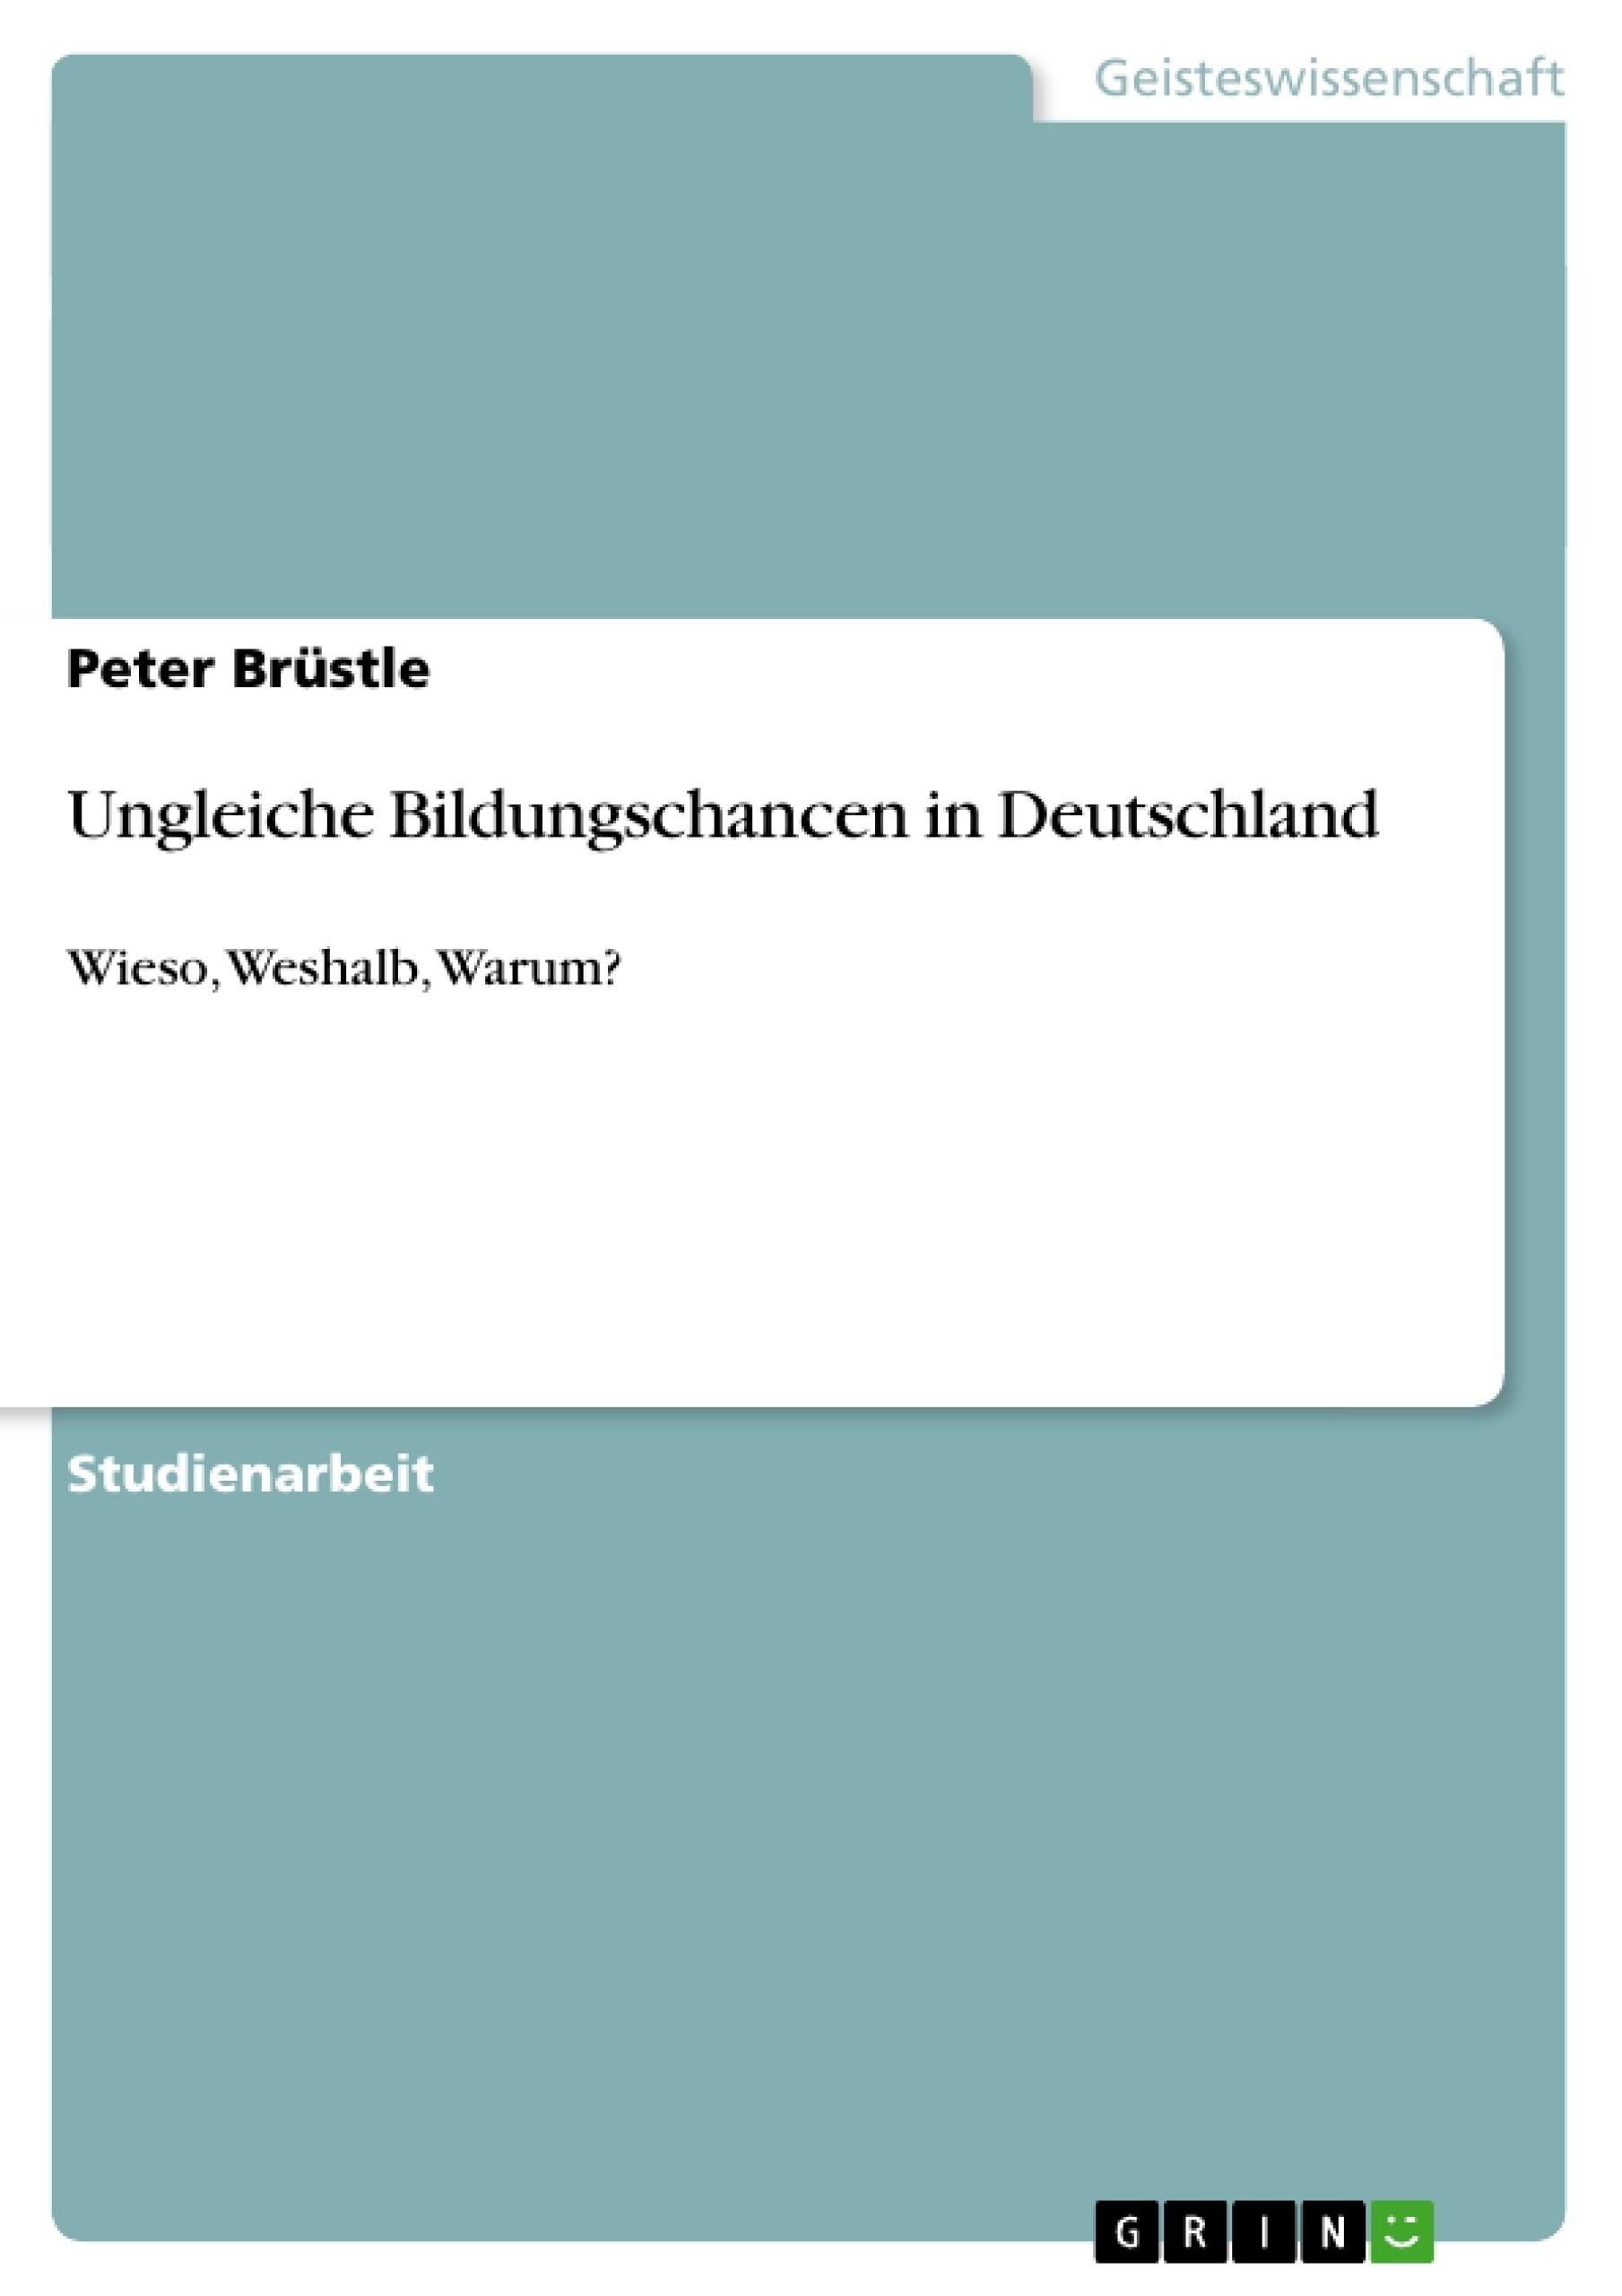 Titel: Ungleiche Bildungschancen in Deutschland